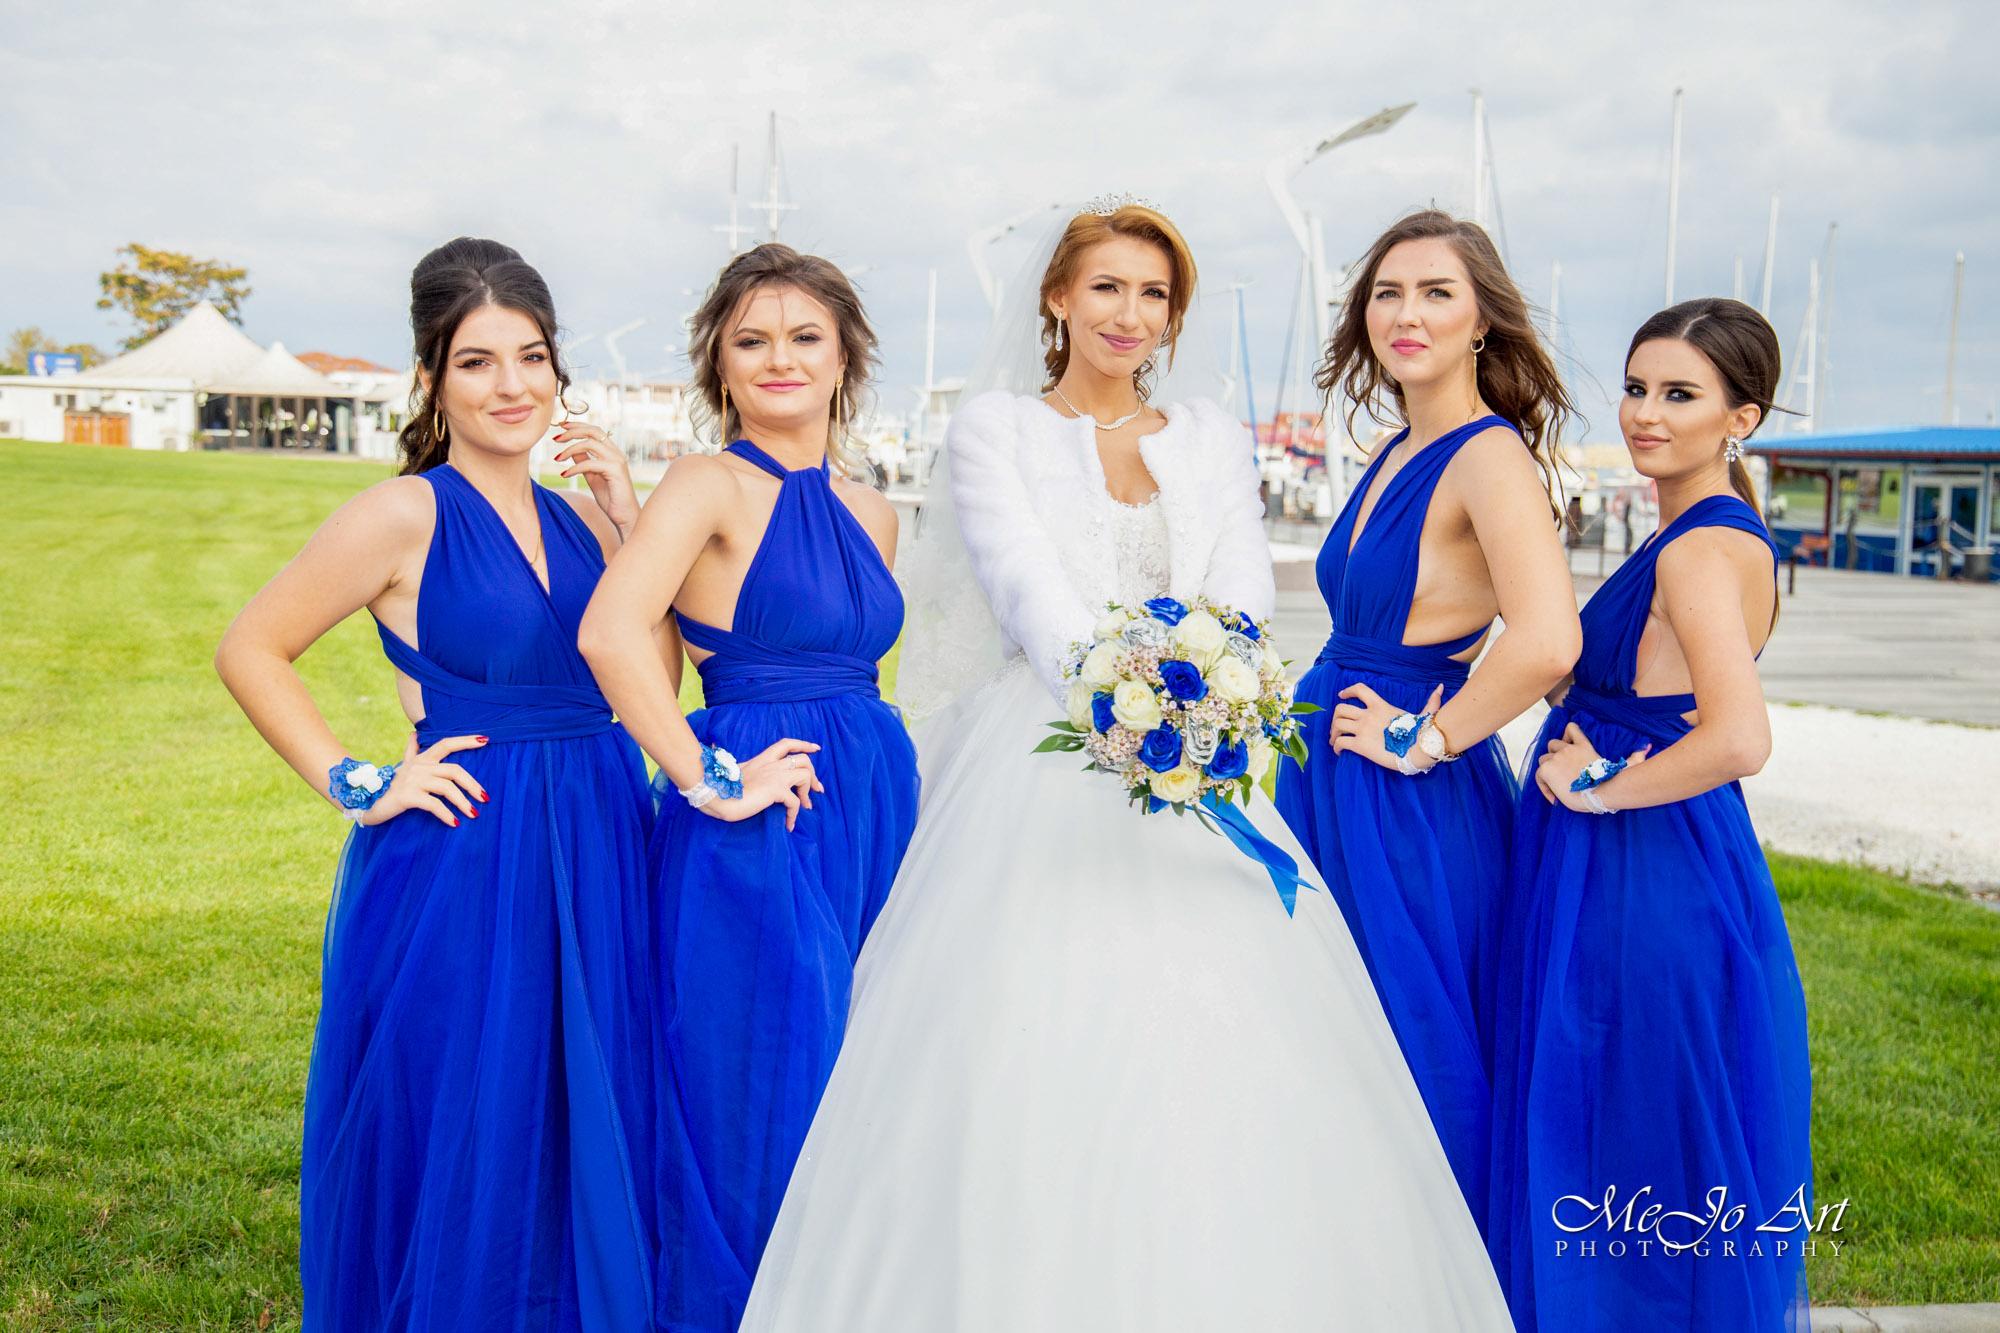 Fotograf nunta constanta-39